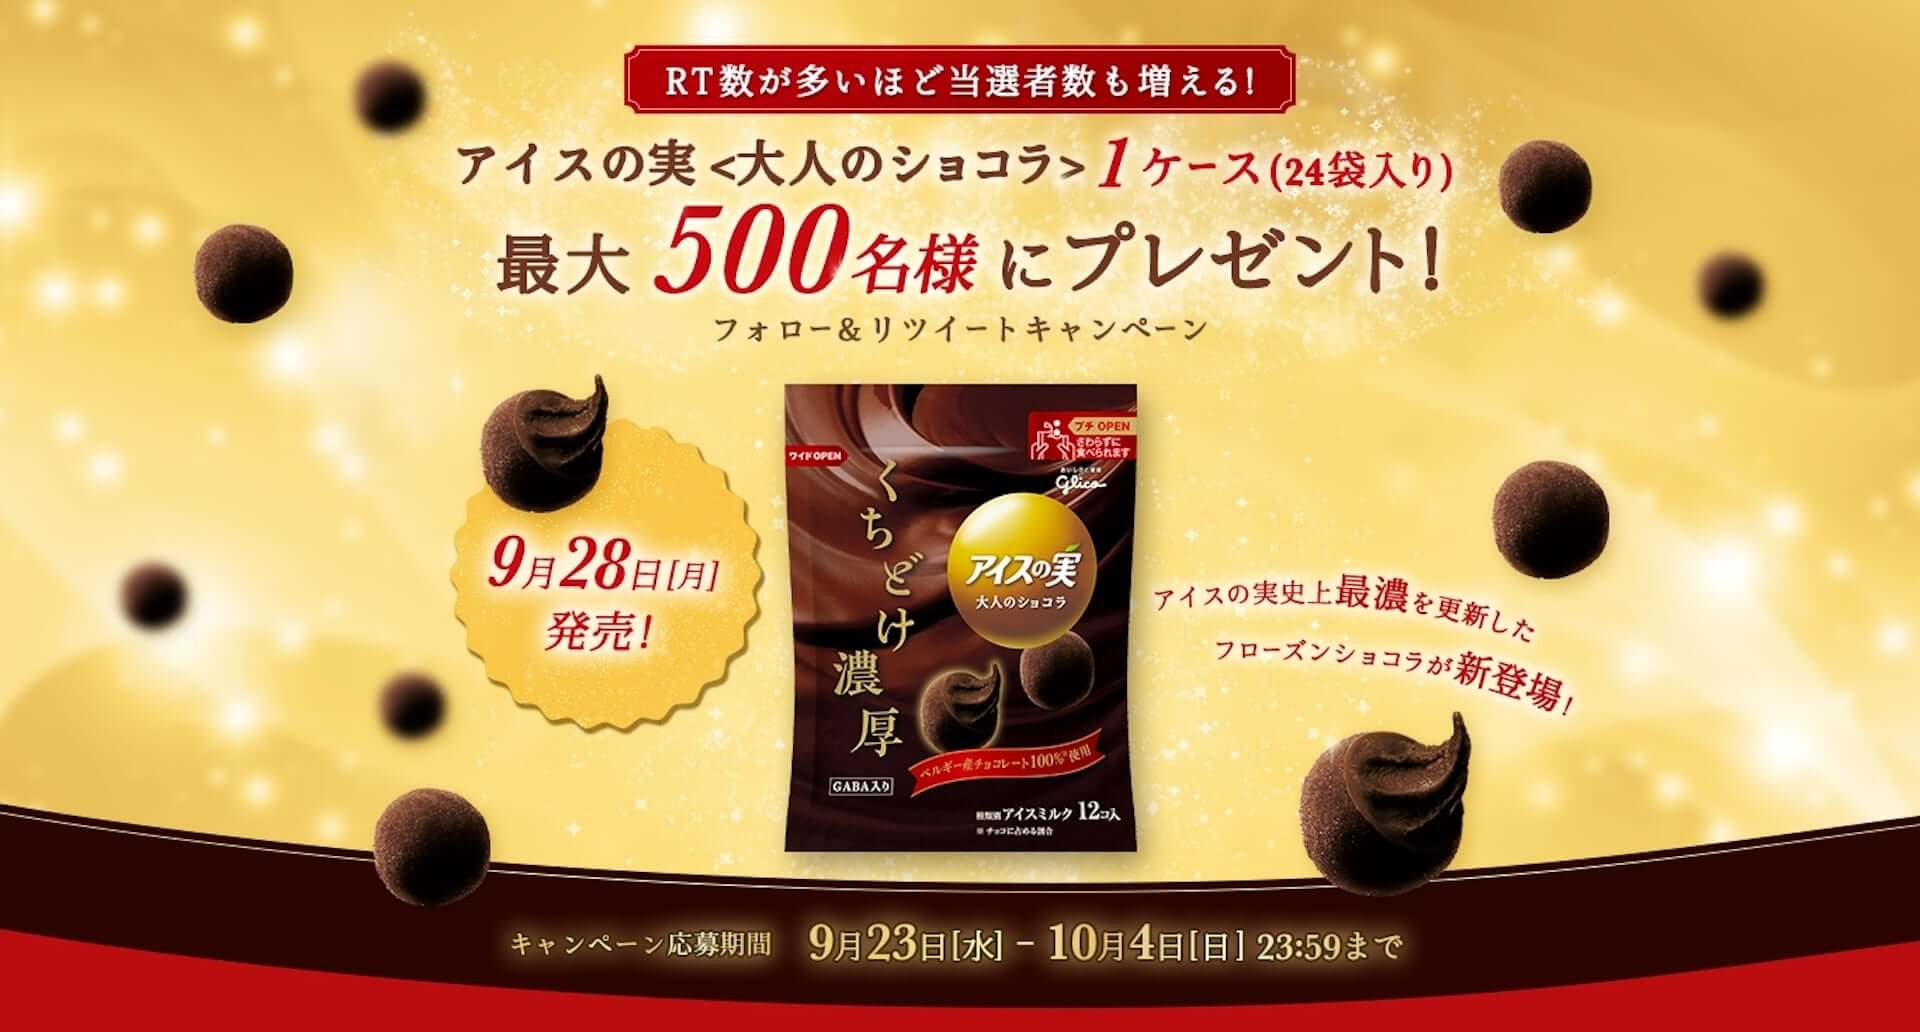 """『アイスの実』史上最も濃厚なフローズンショコラ""""大人のショコラ""""が発売決定!プレゼントキャンペーンも実施 gourmet200915_icenomi_1-1920x1032"""